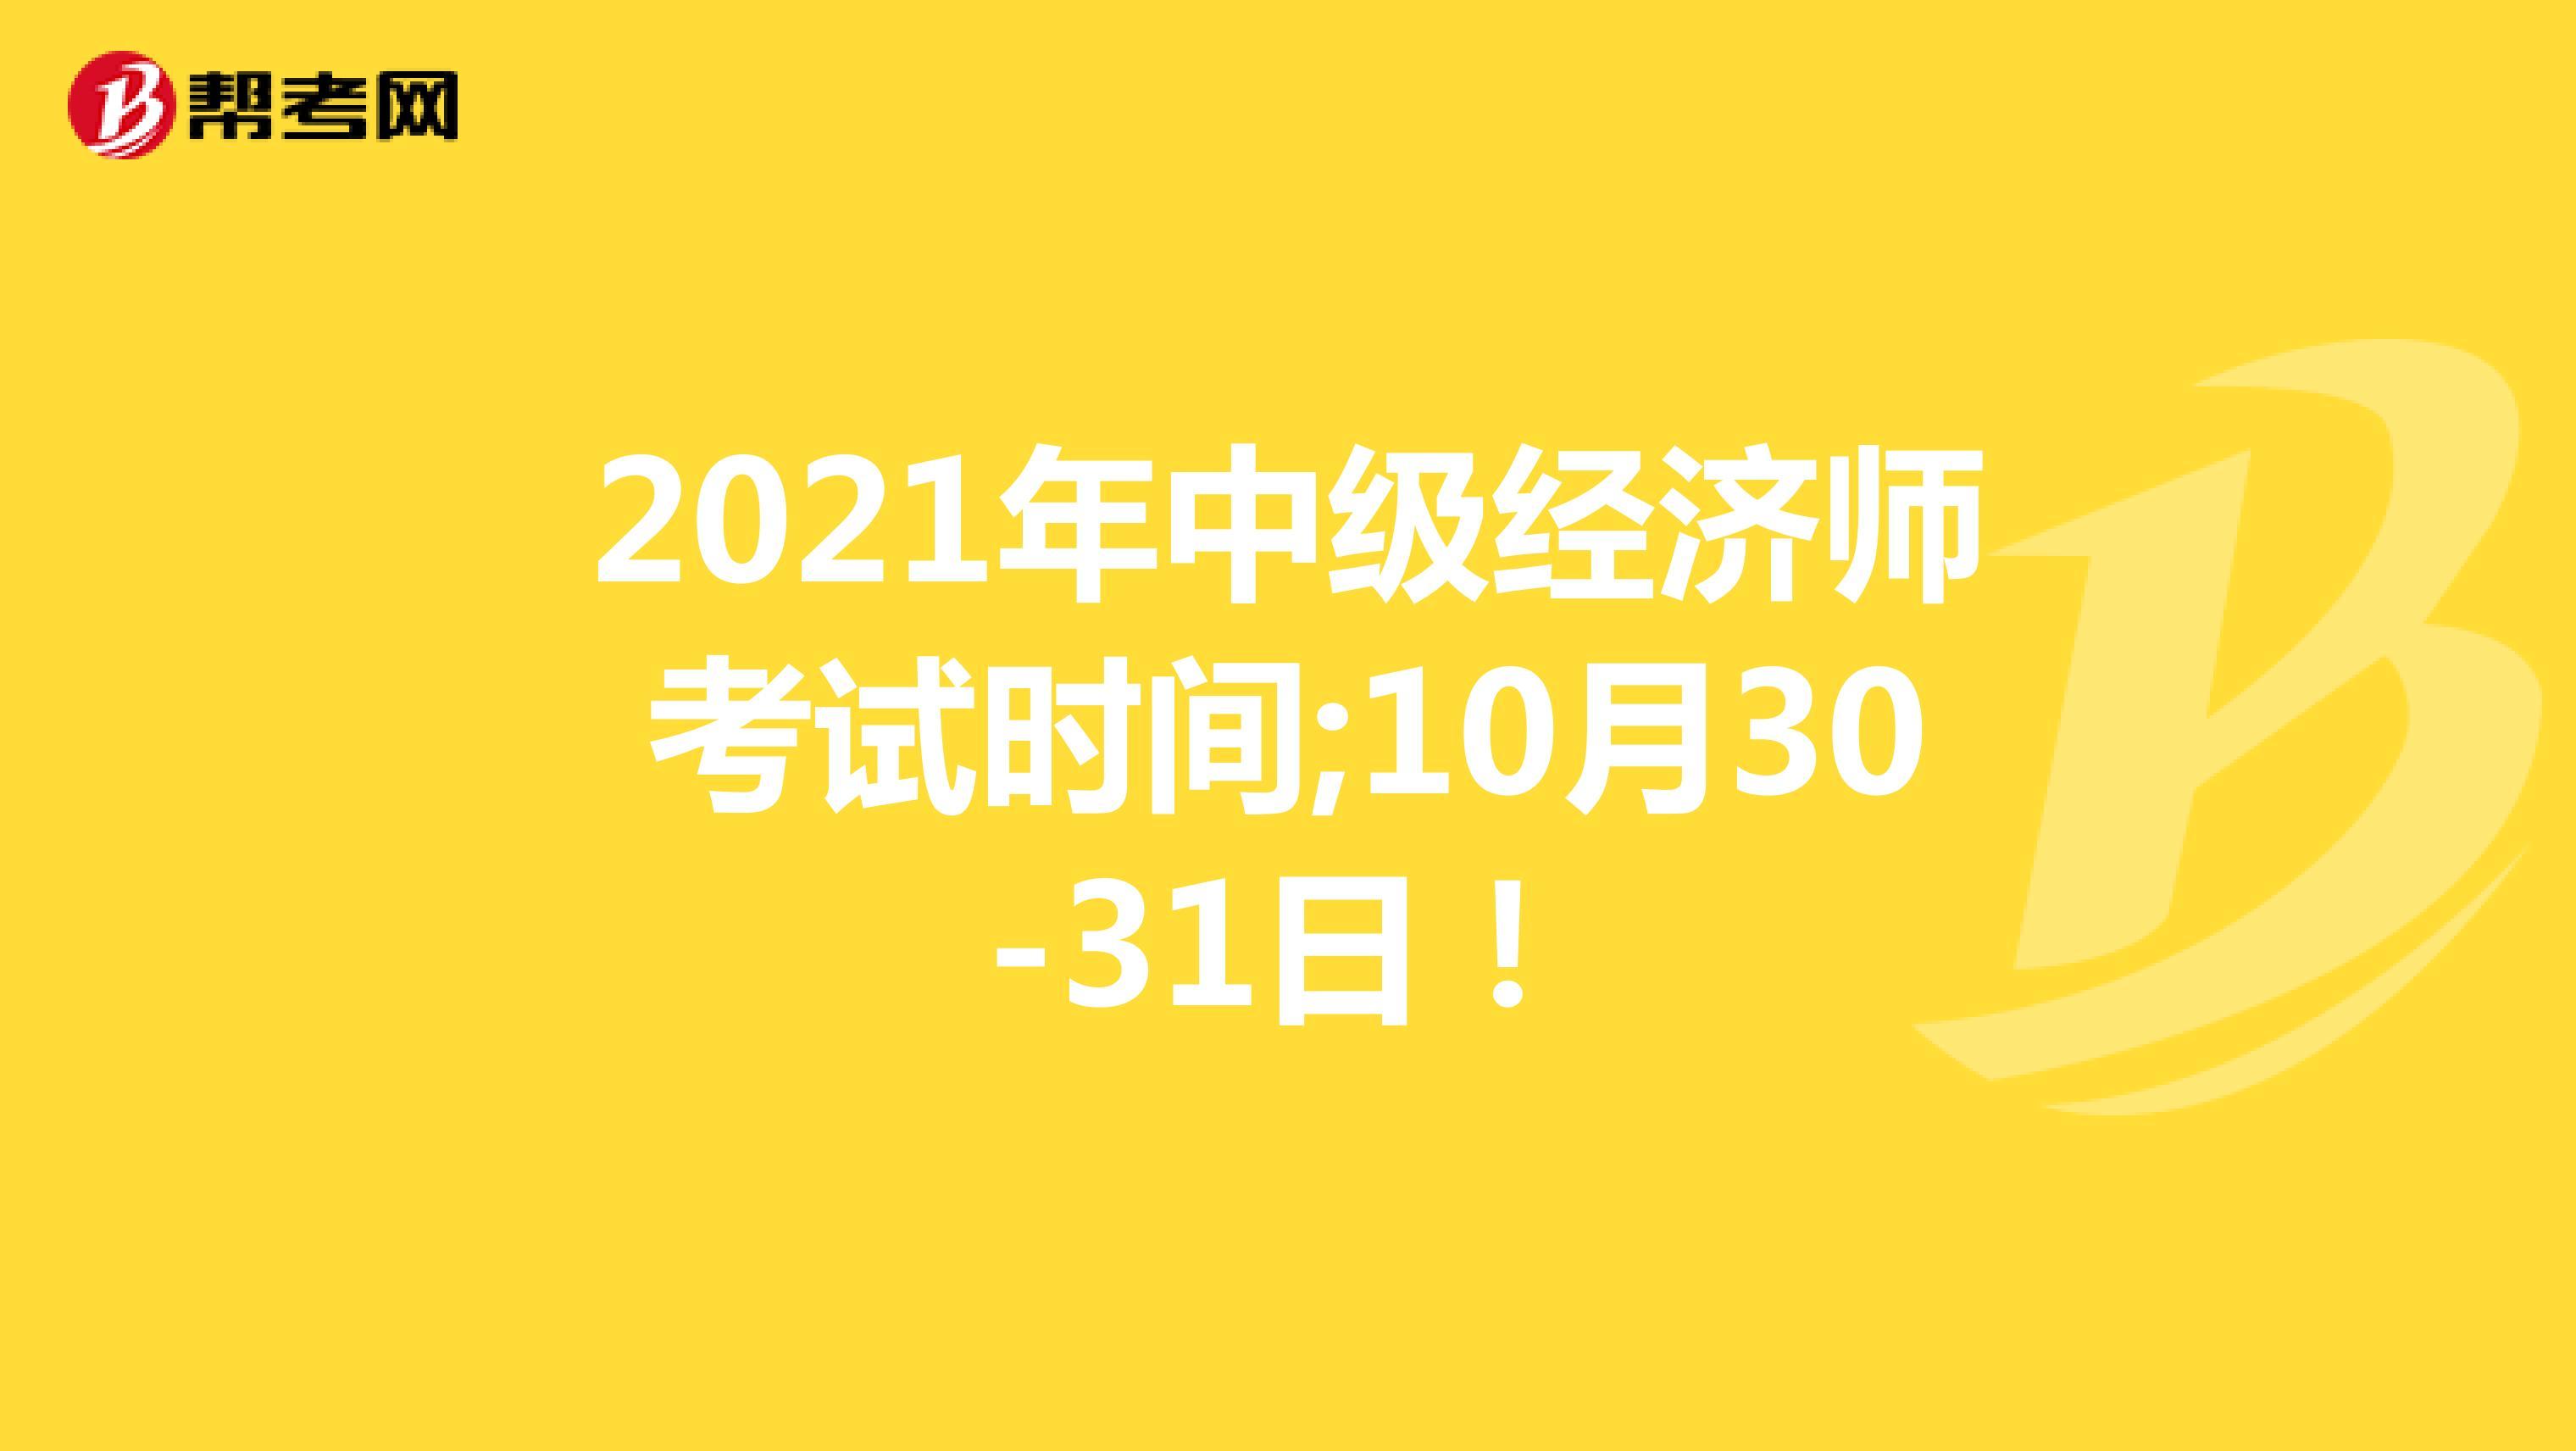 2021年中级经济师考试时间;10月30-31日!